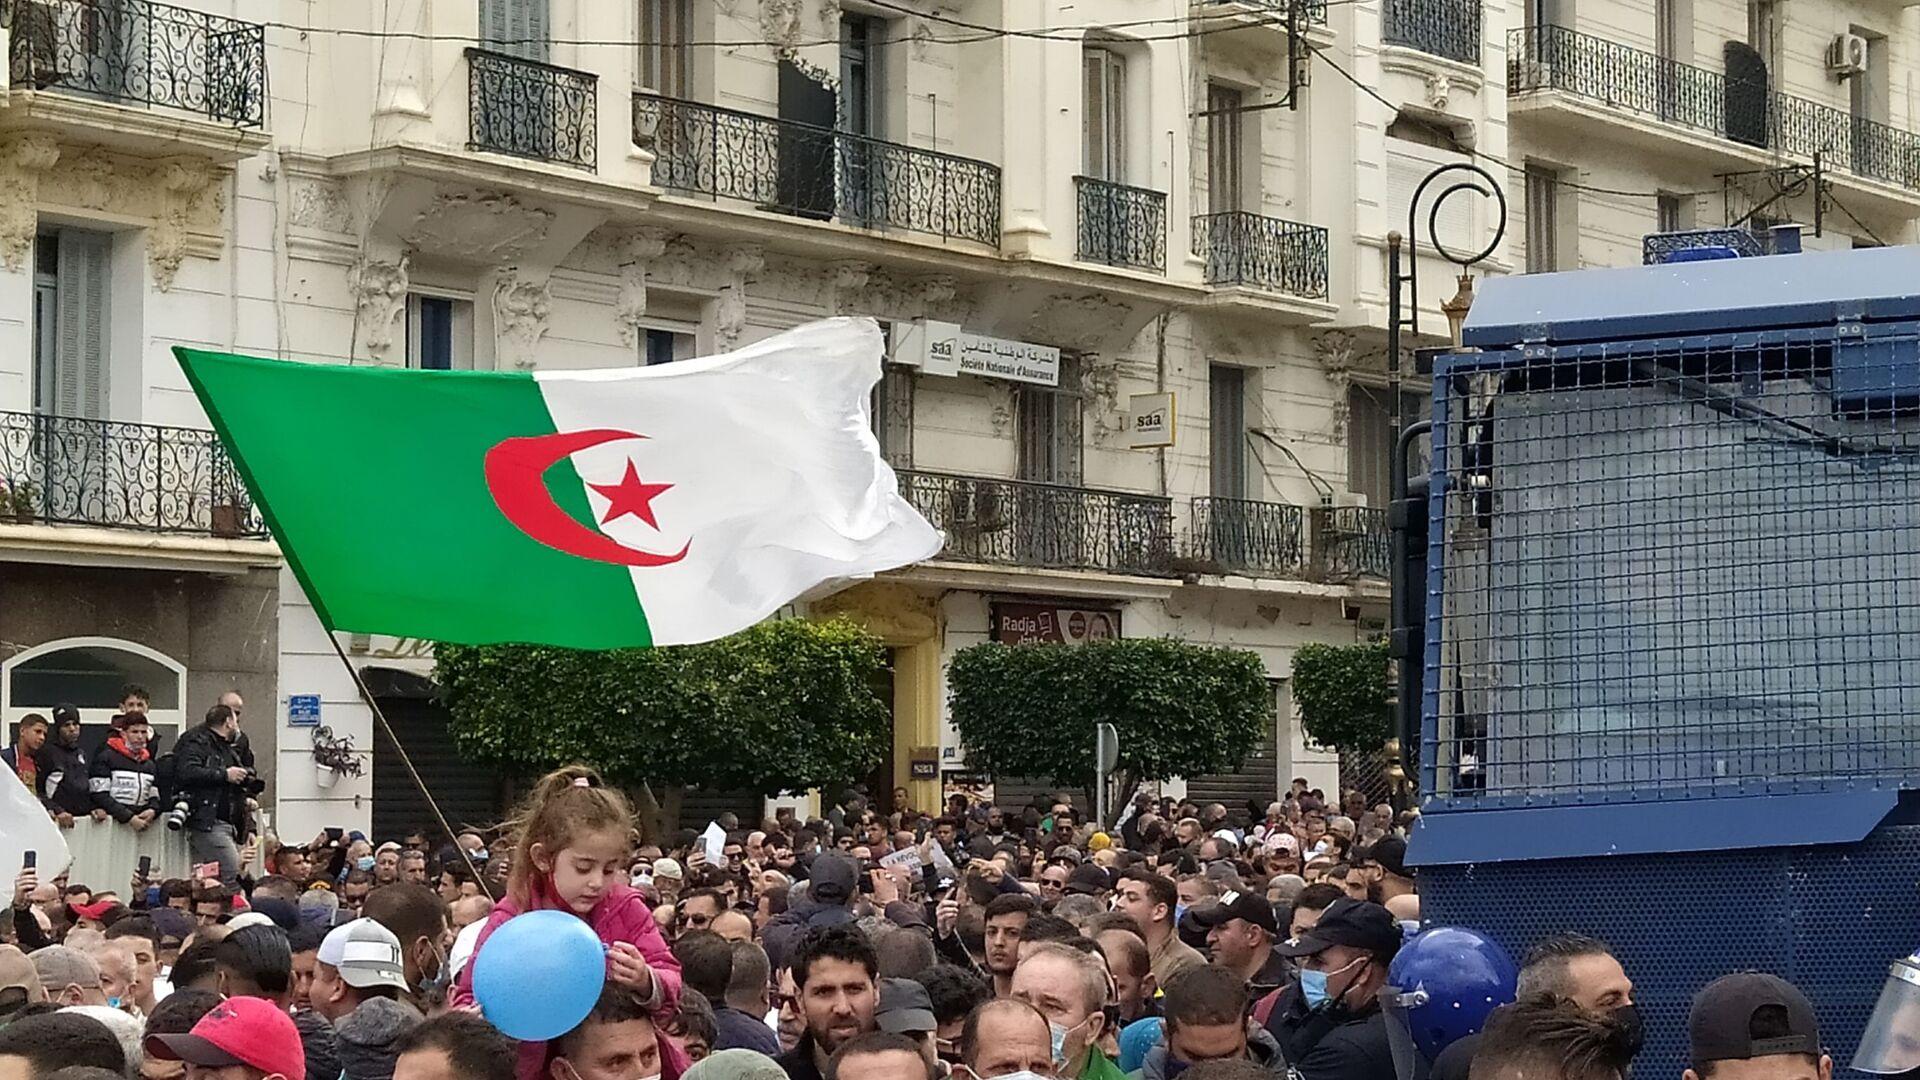 Reprise des marches pacifiques du Hirak à Alger. - Sputnik France, 1920, 26.02.2021